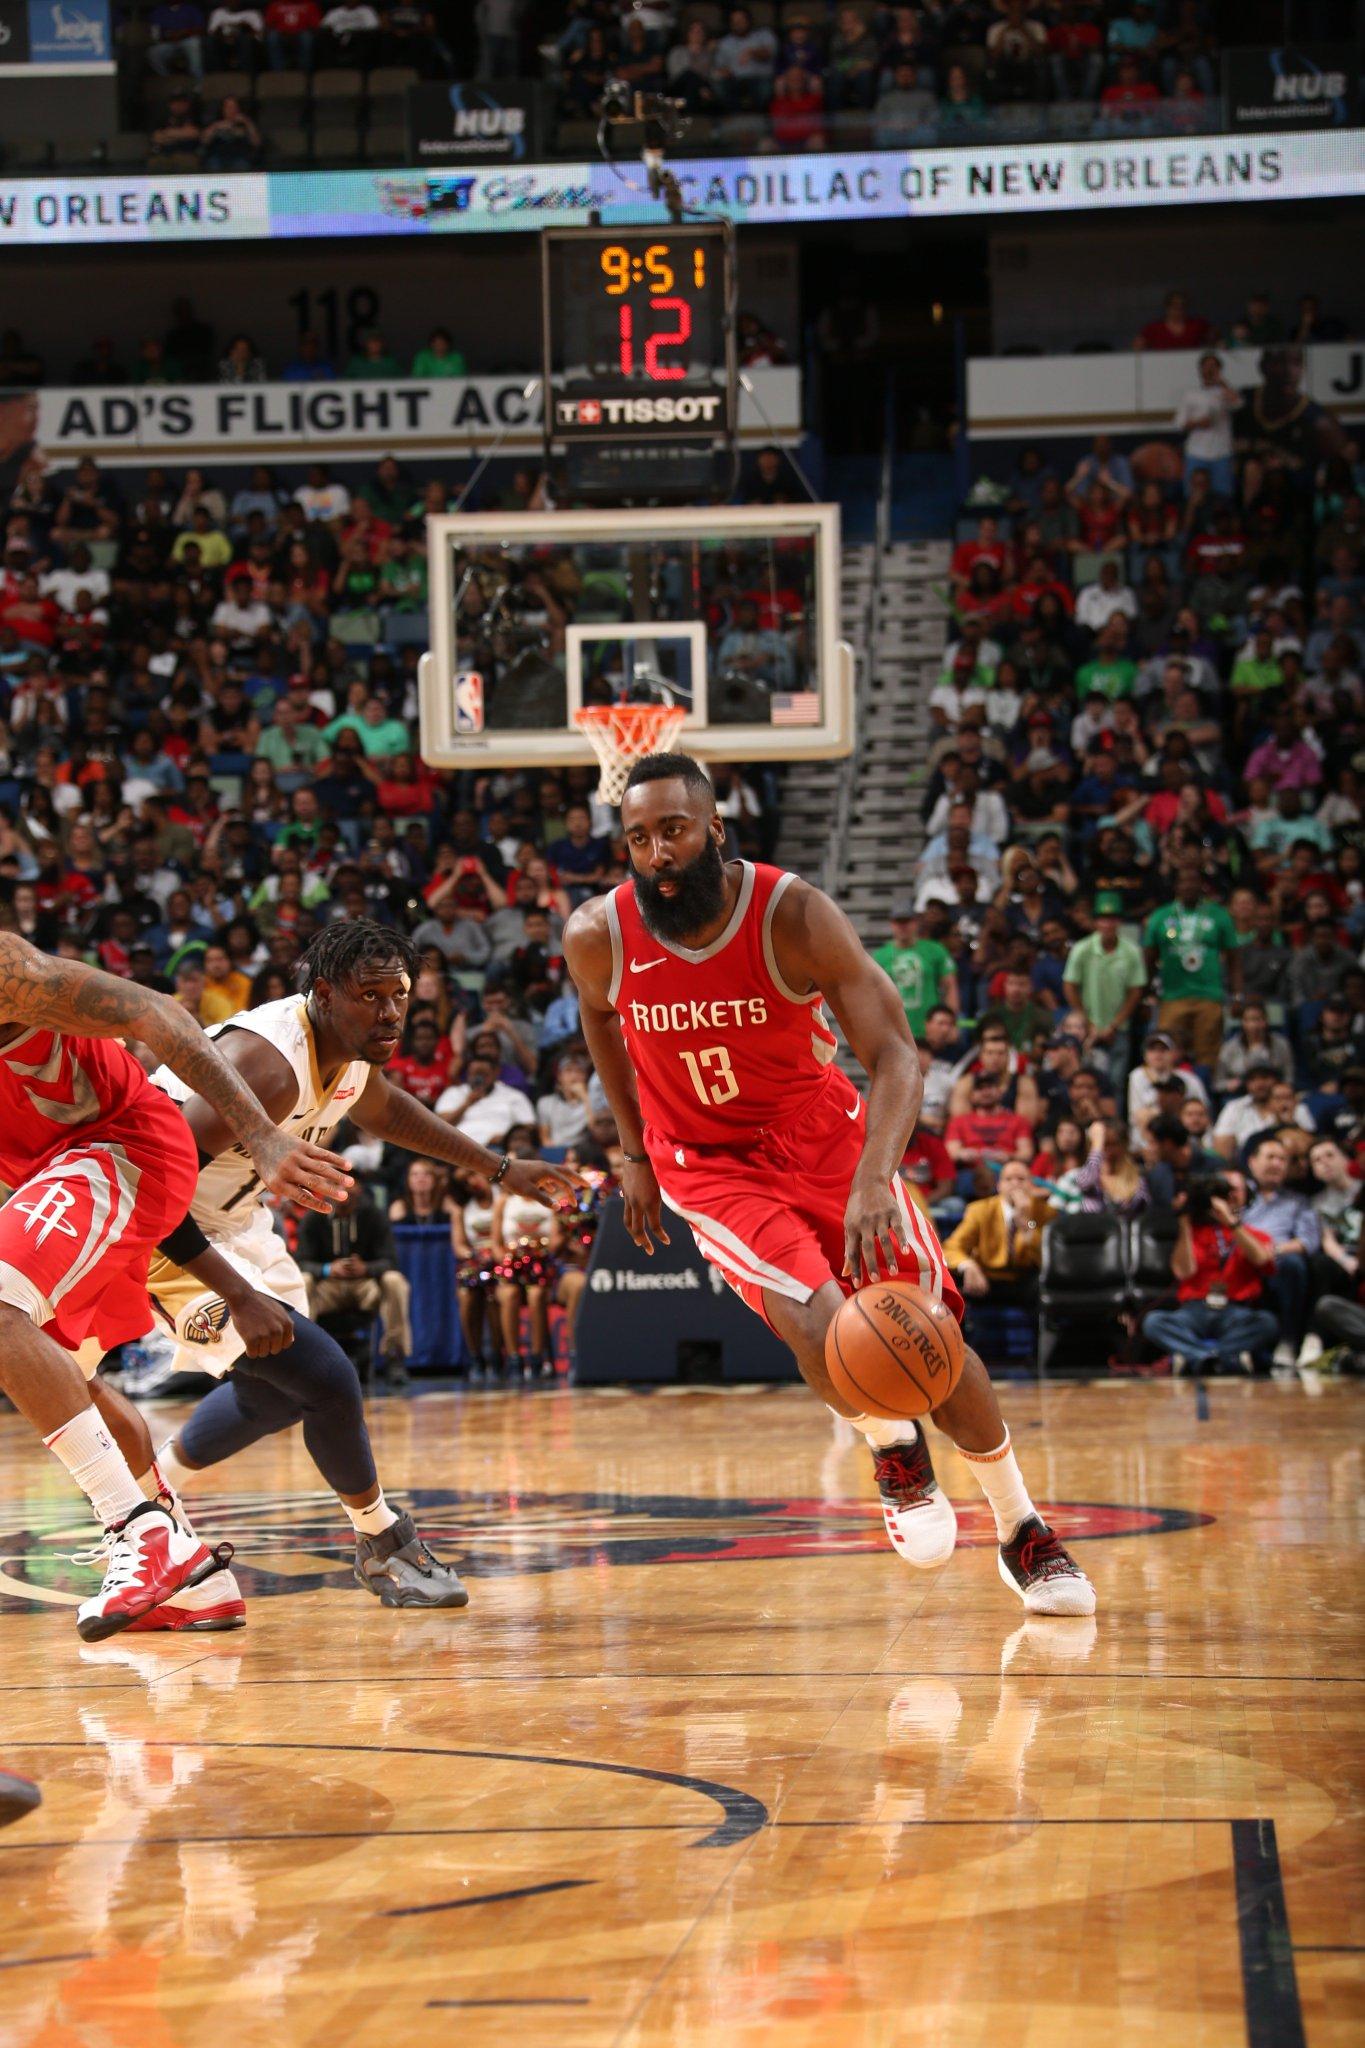 Rockets 92  l  Pelicans 83 ⏰ 6:16 https://t.co/laLWjH4rGz